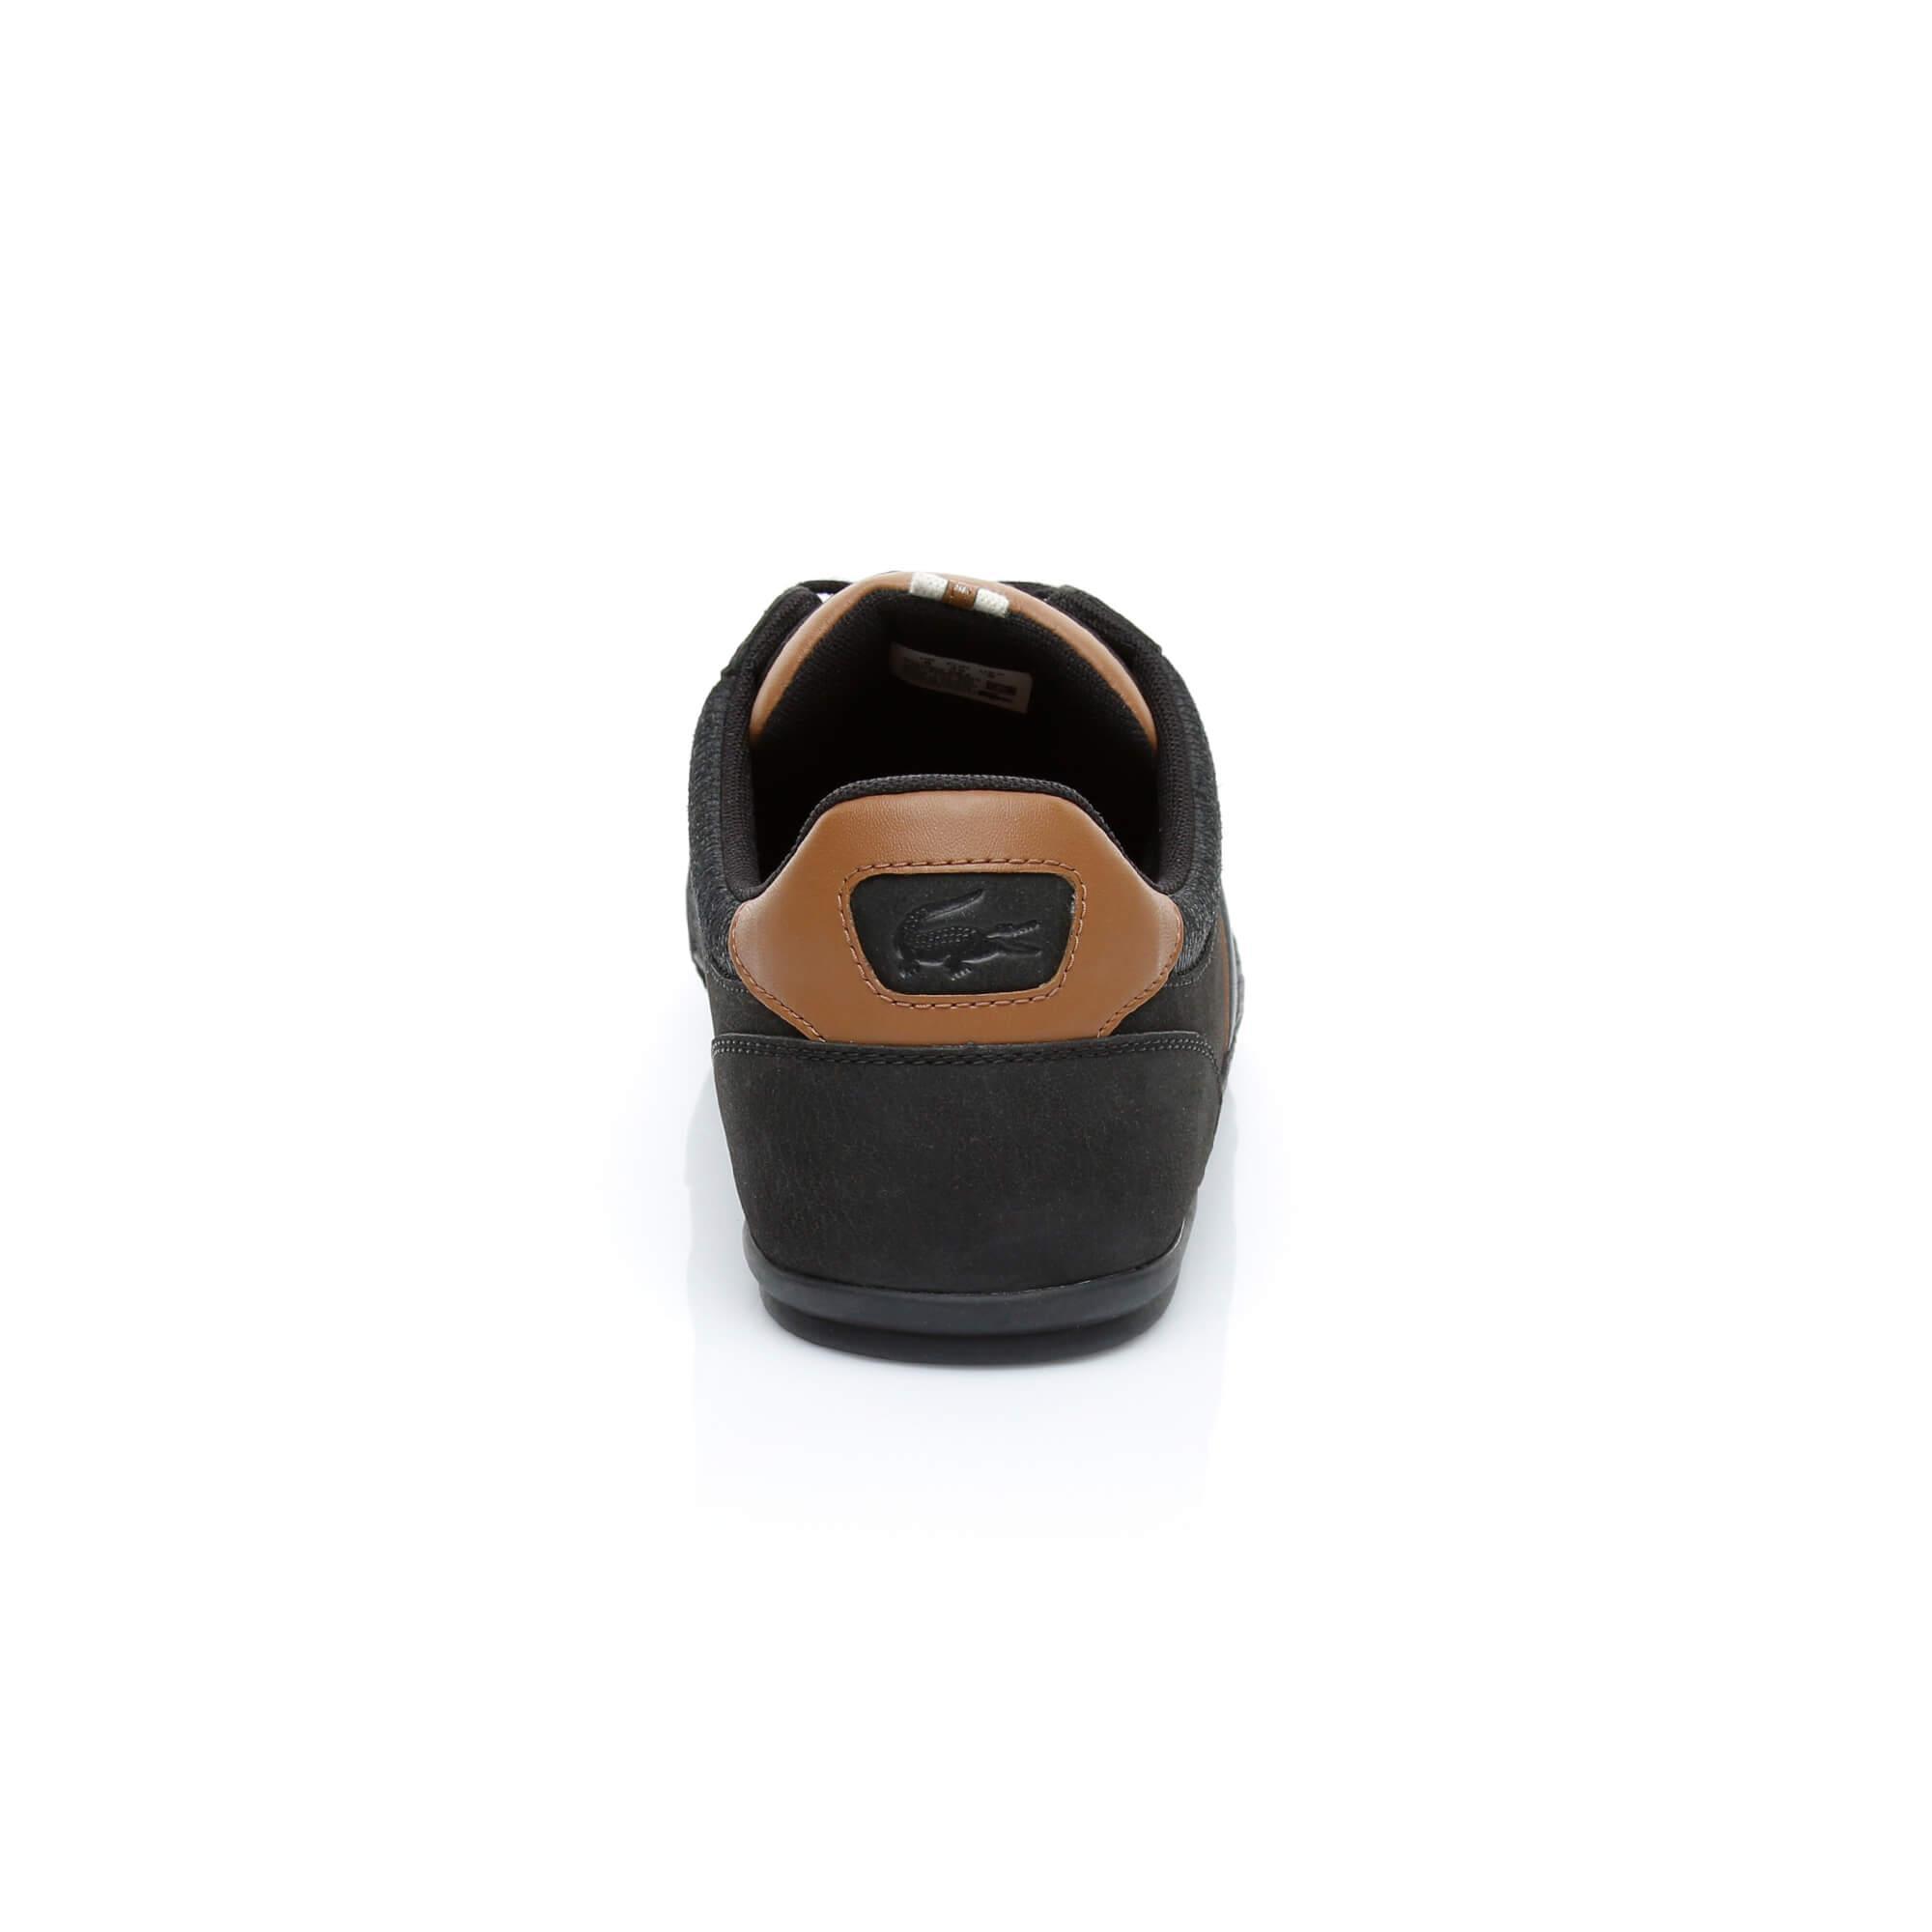 Lacoste Men's Chaymon Leather Sneakers